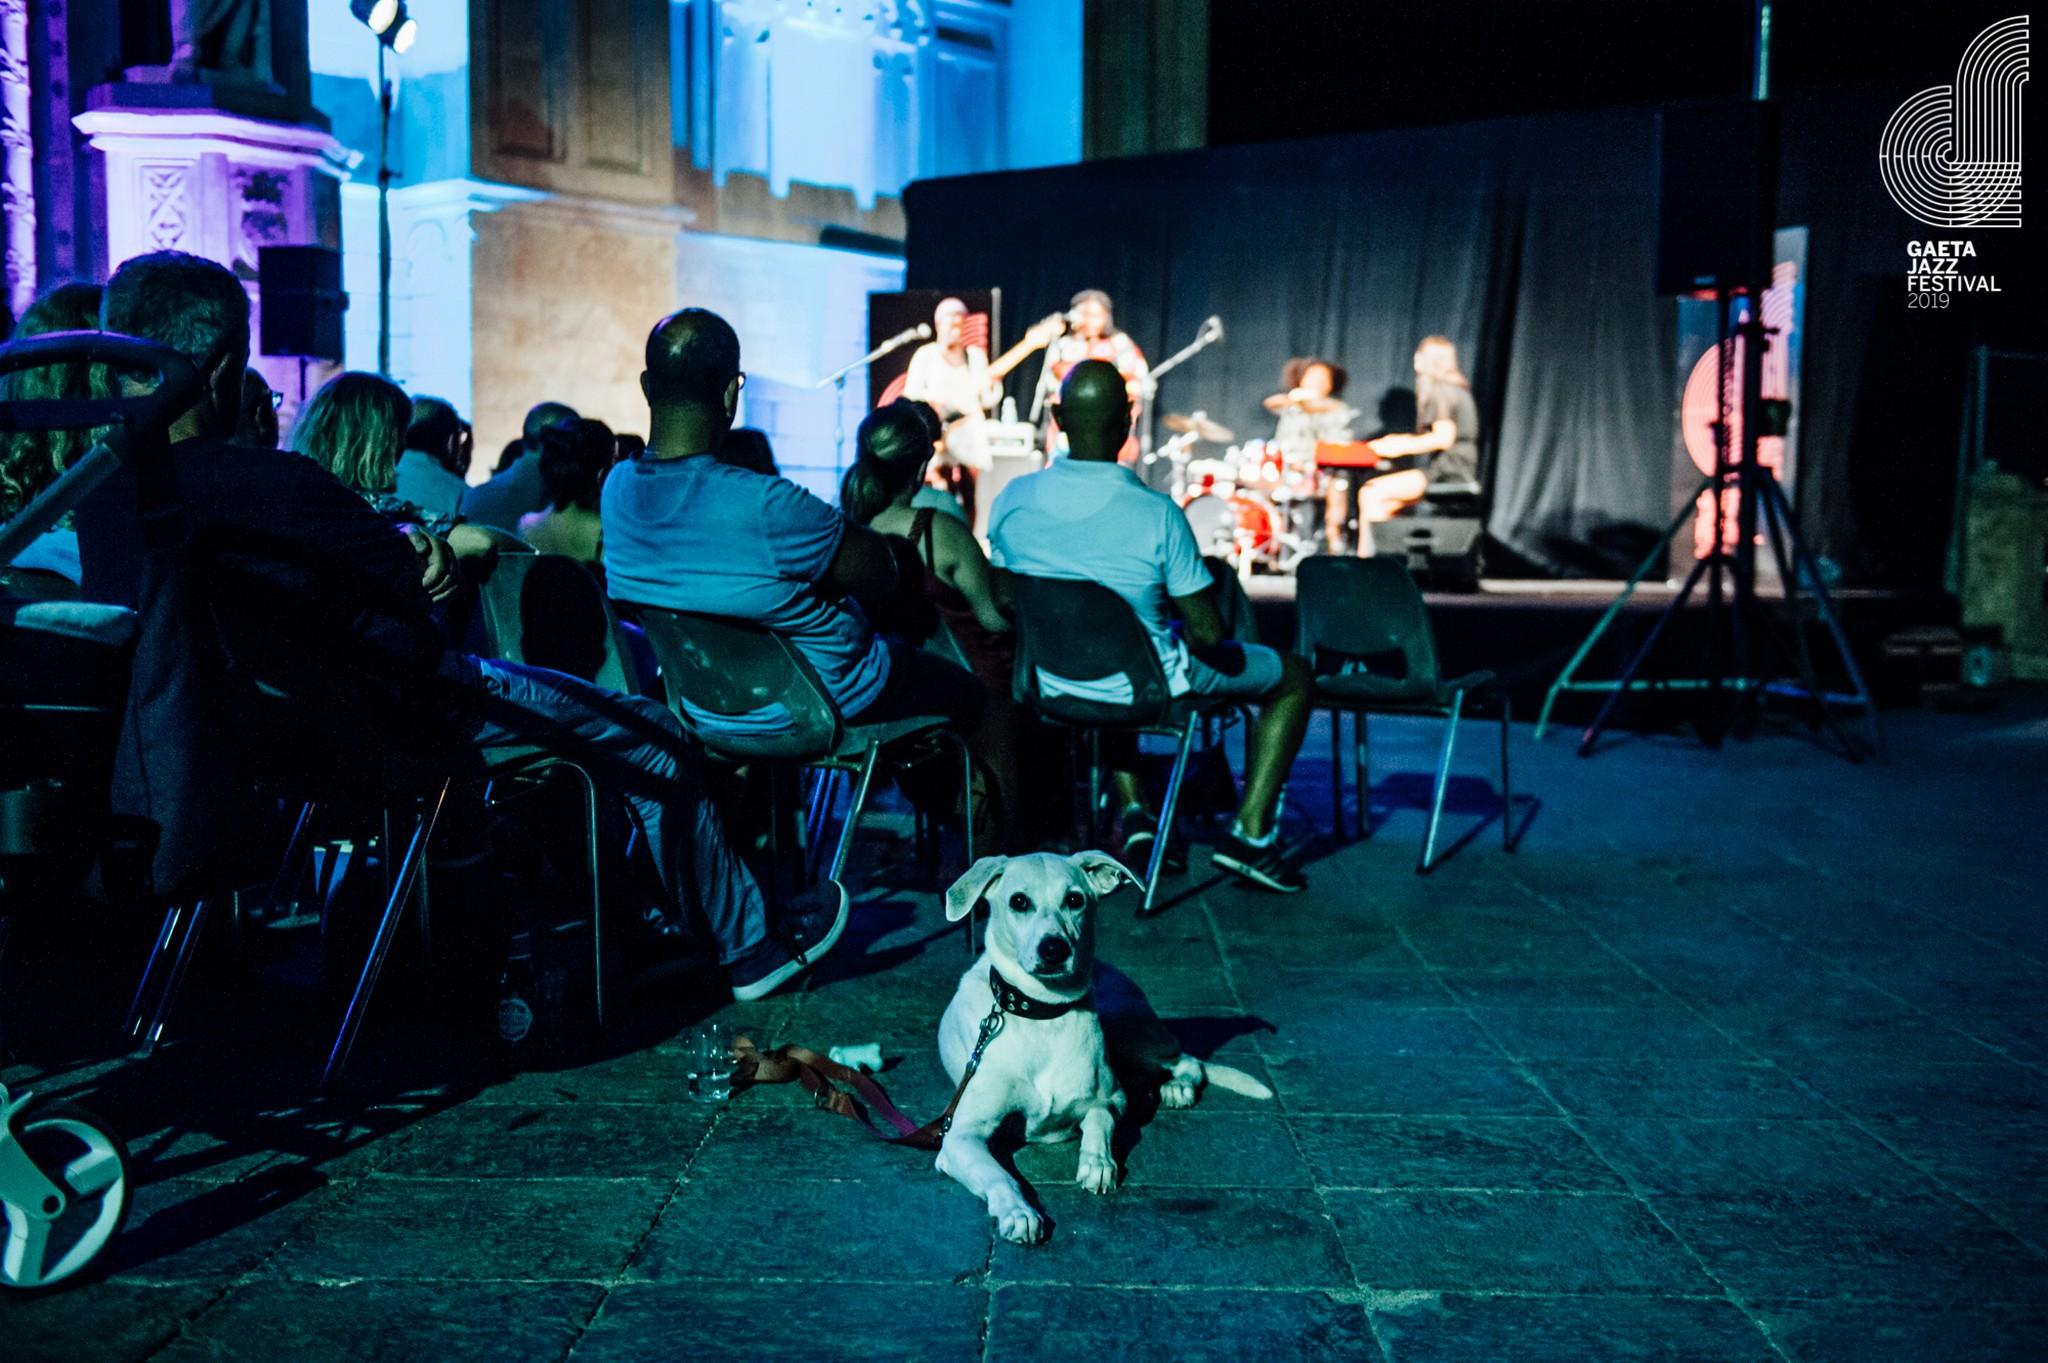 Flavia_Fiengo_Gaeta_Jazz_Festival_live_2019__00014